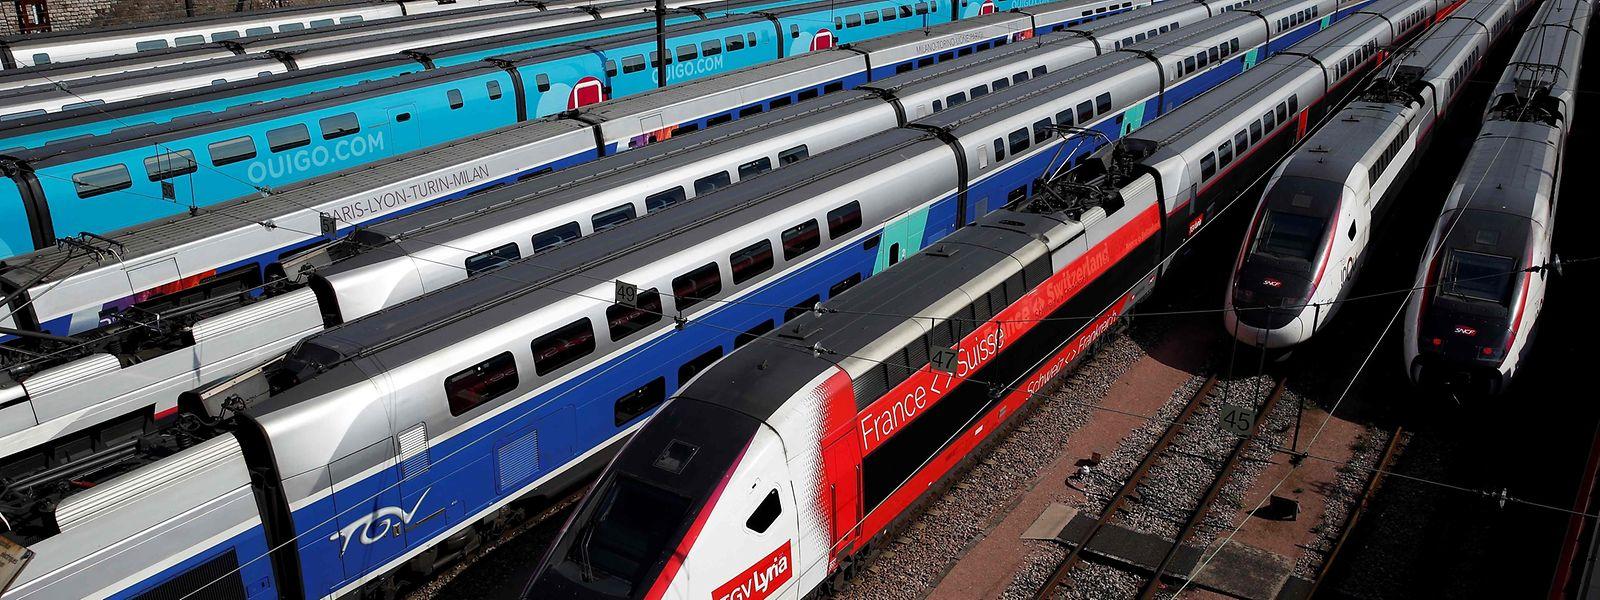 TGV stehen in der Nähe des Bahnhofs Gare de Lyon am 23. Tag der landesweiten Ausgangssperre aufgrund des Coronavirus.